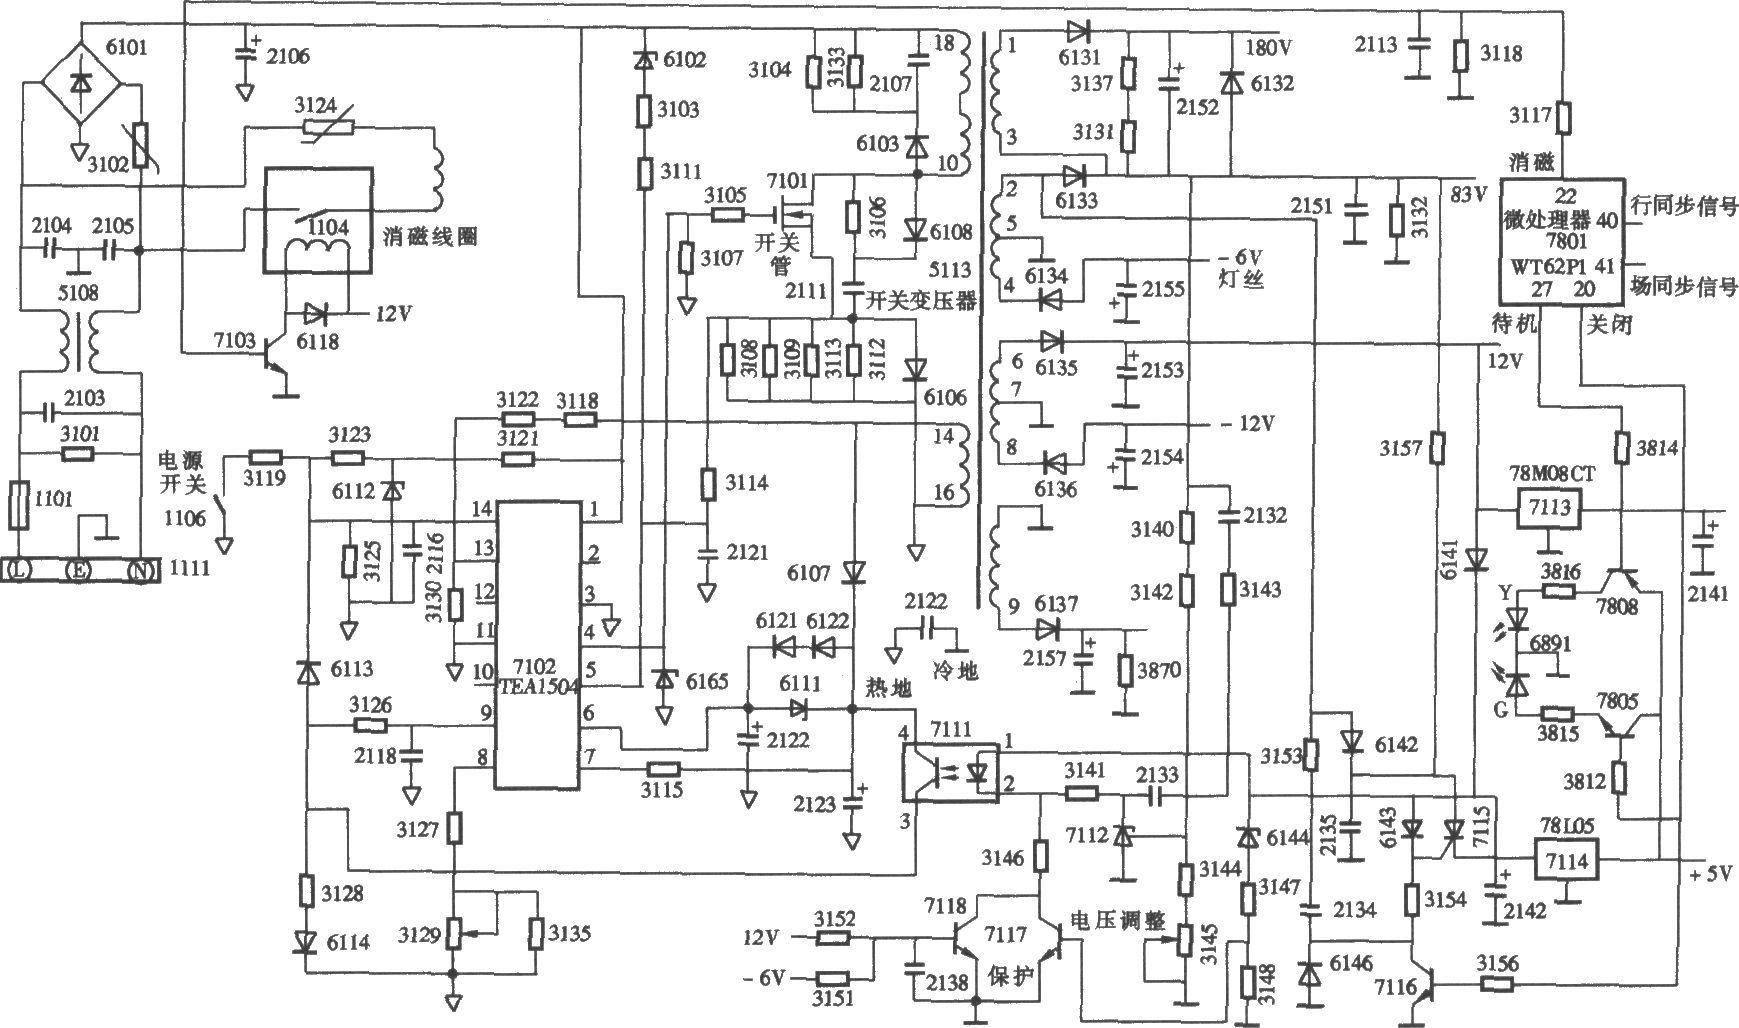 电吹风电路图_求解这个电吹风的电路图的工作原理 给解释一下 多谢!!_百度知道